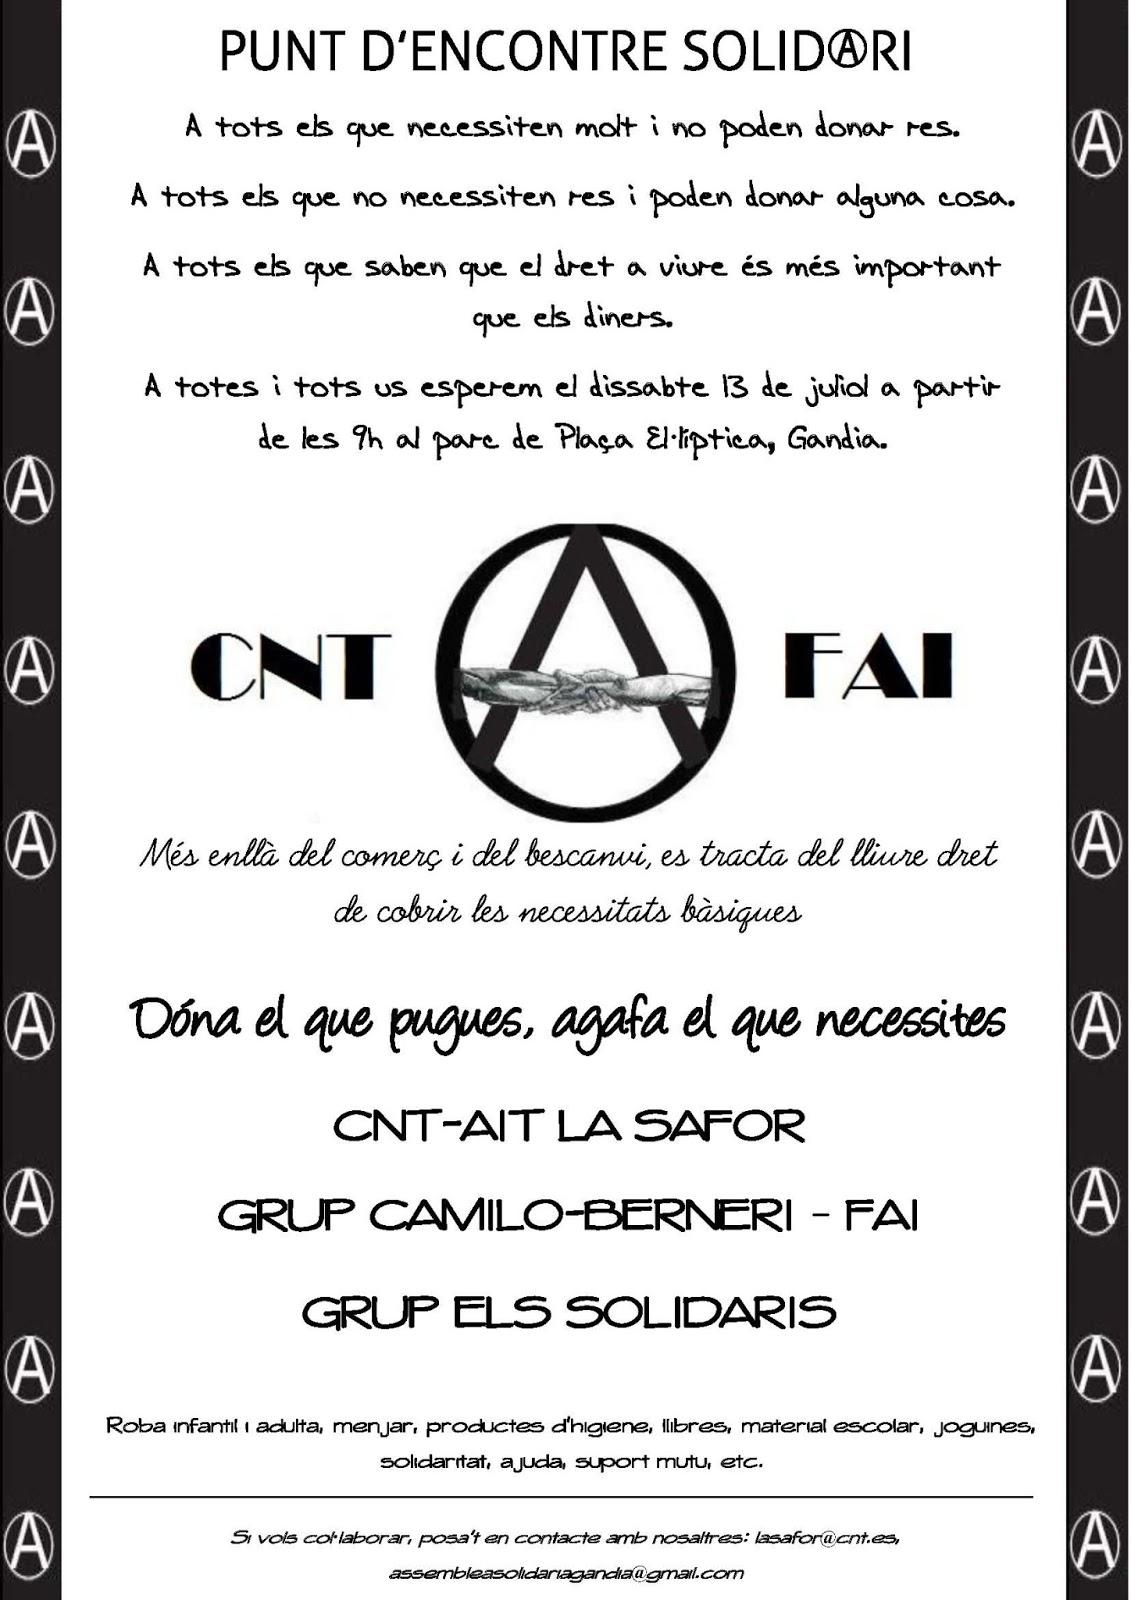 PUNT D'ENCONTRE SOLIDARI CNT-FAI Archivado en (ANARQUISTAS, CNT, Federacion Anarquista Iferica (FAI), Levante) por CNT de Sagunto el 10-07-2013  13 de Julio 2013.  9:00h Barrio Corea de Gandia  L'anarquisme és organització, solidaritat i suport mutu i això és el que donarà a conèixer la Trobada Solidari. Som nosaltres mateixos, els fills i filles del poble, els qui hem d'organitzar per cobrir les nostres necessitats, i no únicament amb aquesta fi sinó també perseguint l'alliberament i emancipació de l'ésser humà a través de la revolució social.  Al nostre voltant, nenes i nens que pateixen desnutrició, persones que amb prou feines aconsegueixen fer un menjar diari, i els bancs d'aliments ja estan tocant fons. Com anarquistes, no ens quedarem de braços plegats veient com s'estén la misèria.  Aquesta trobada no és una finalitat, és un mitjà, un mitjà per acostar l'anarquisme al poble, un mitjà que demostra la nostra preocupació envers les nostres germanes i germans del poble, un mitjà per a la confraternització i la cohesió de la classe treballadora d'un mateix barri … tot això perseguint la finalitat d'una auto-organització popular que puga conduir-nos cap al comunisme llibertari.  Així doncs, sense molt més que afegir, donat que davant fets sobren paraules, us esperem el dissabte 13 de juliol des de les 9h del matí a la plaça El·líptica, al barri de Corea de Gandia.  Si vols col·laborar, ajudar, etc. contacta amb nosaltres en els correus lasafor@cnt.es i assembleasolidariagandia@gmail.com.  Recorda, no és almoina, és suport mutu.  Salut, Anarkia i Revolució Social  CNT-AIT-FAI